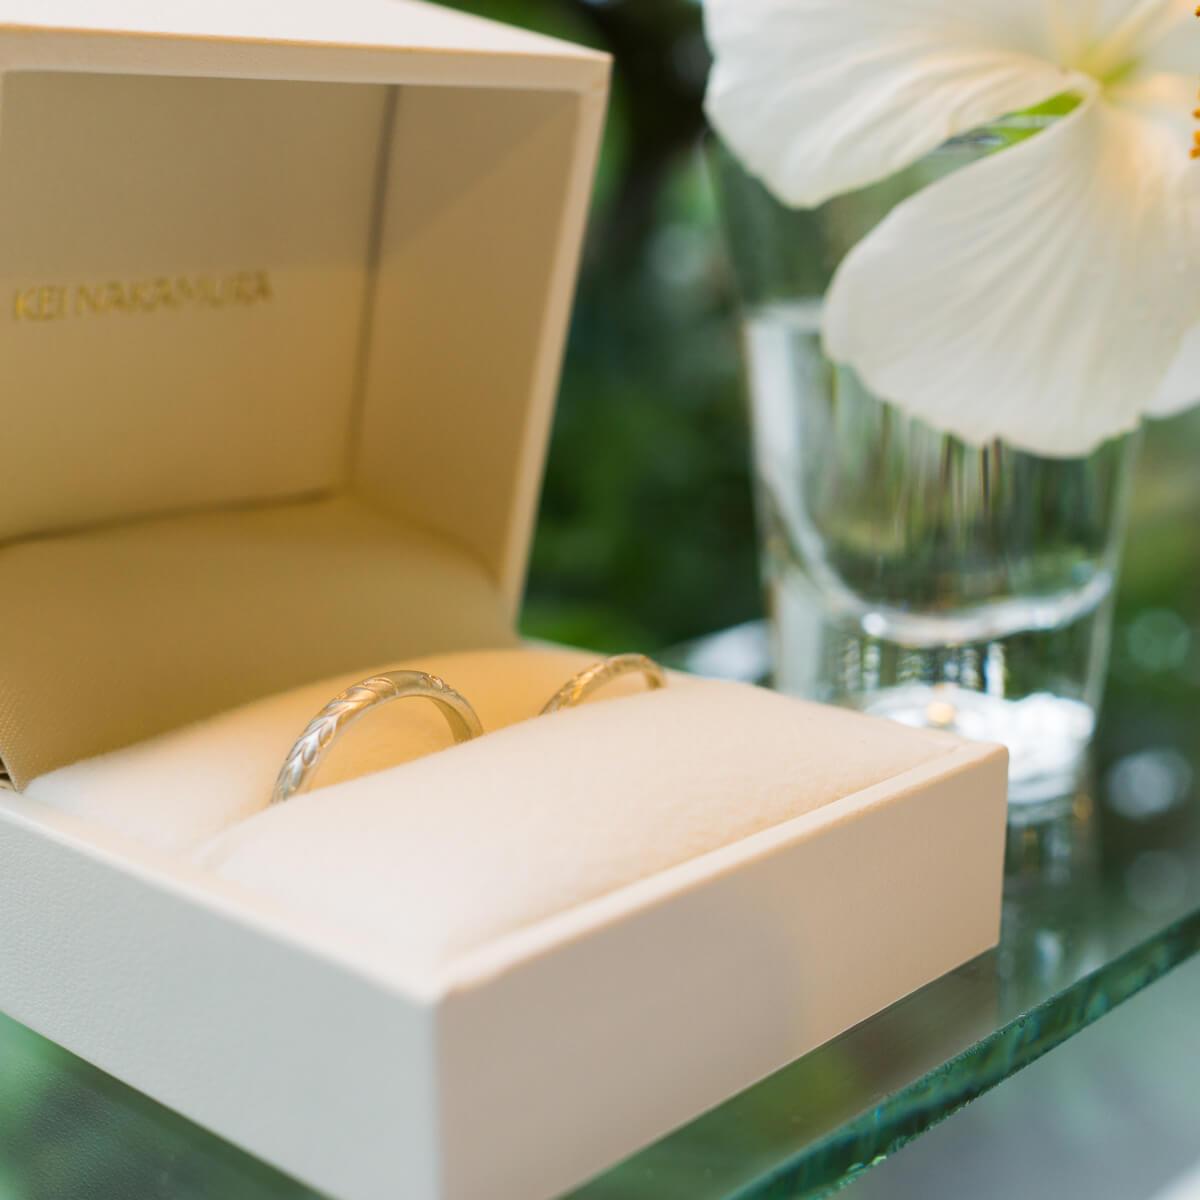 屋久島しずくギャラリー ジュエリーのディスプレイ オーダーメイドマリッジリングと屋久島のハイビスカス シルバー 屋久島でつくる結婚指輪